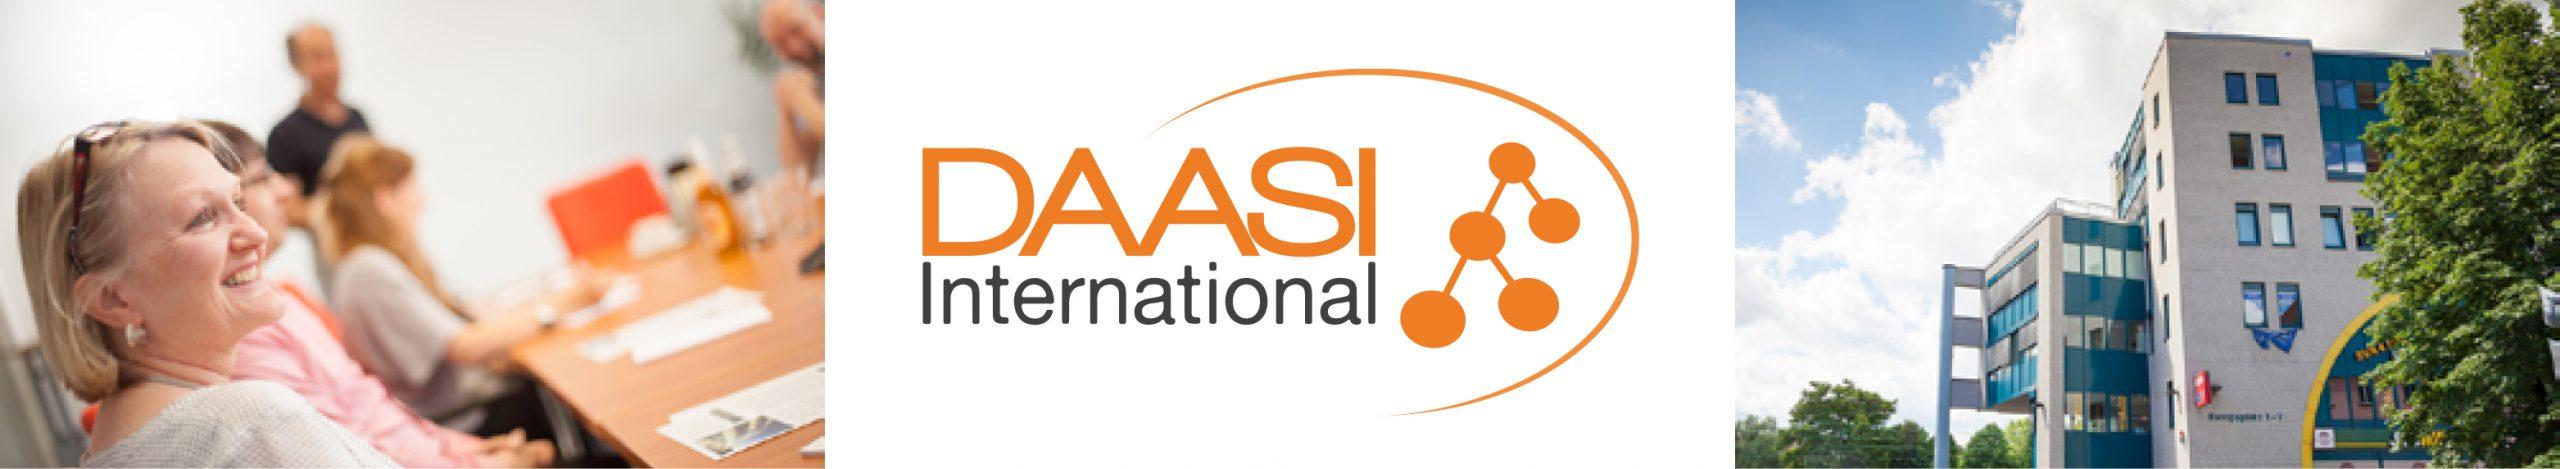 Überschrift DAASI International